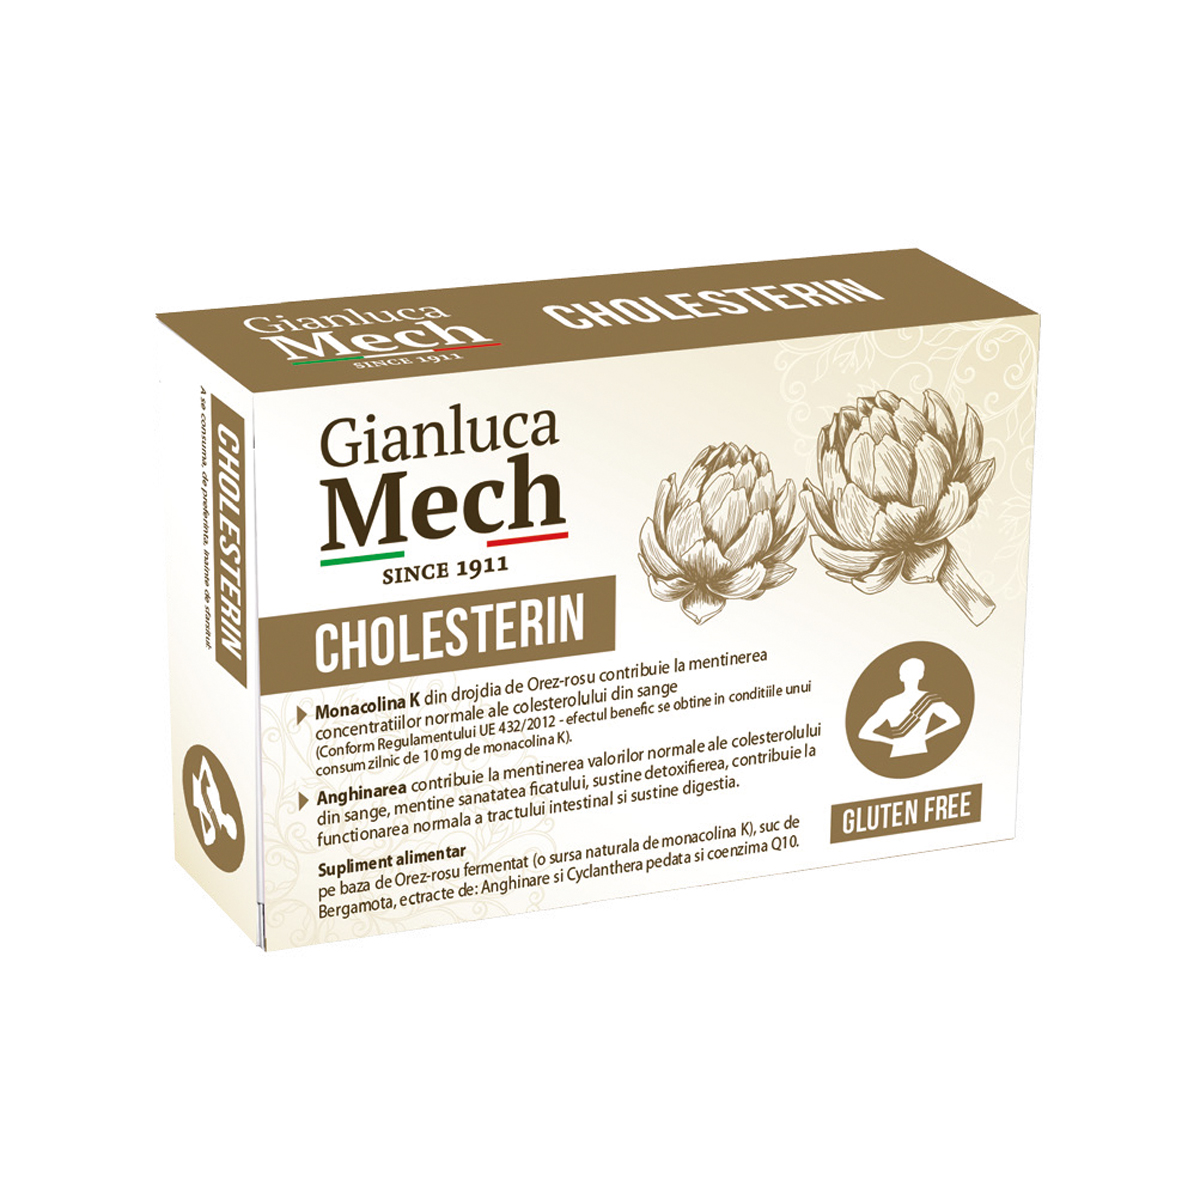 Gianluca Mech Cholesterin